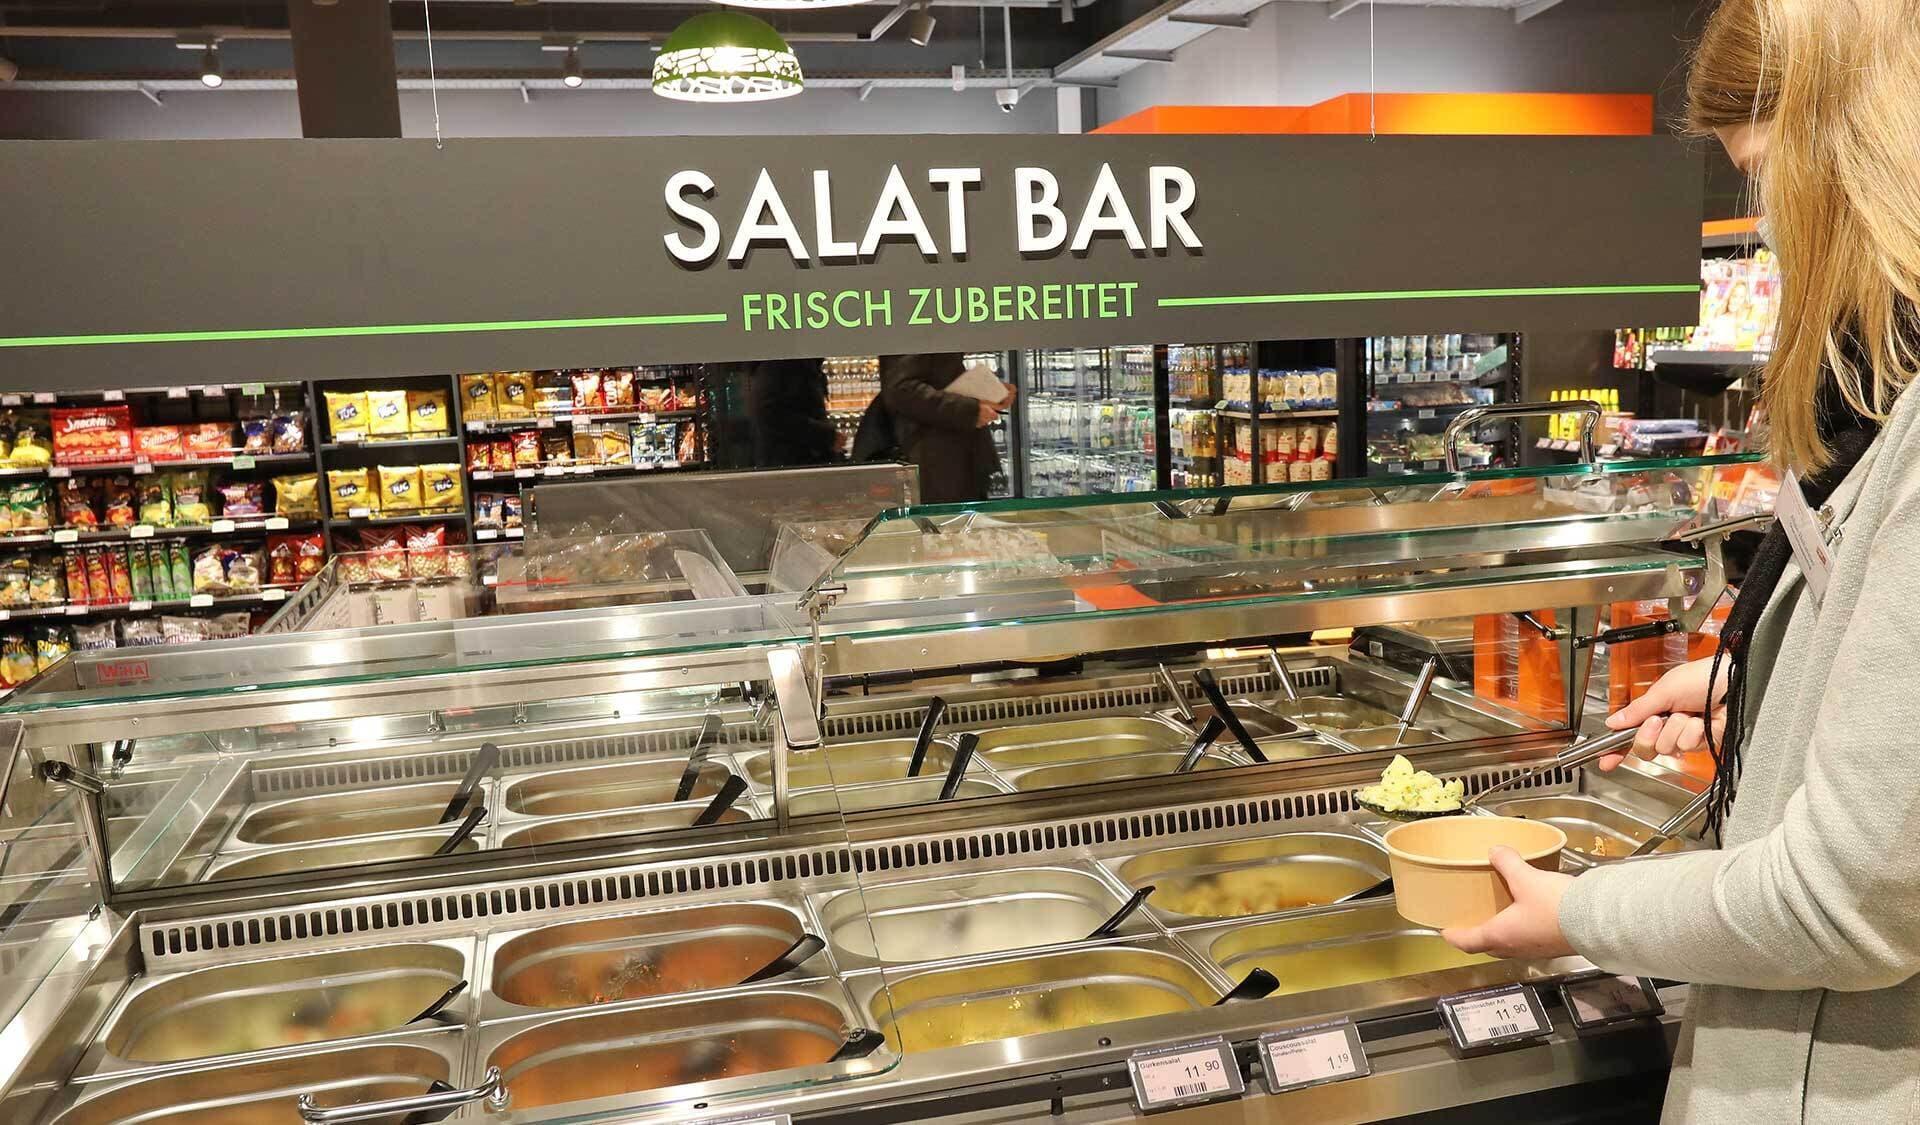 Tegut Quartier Salat Bar